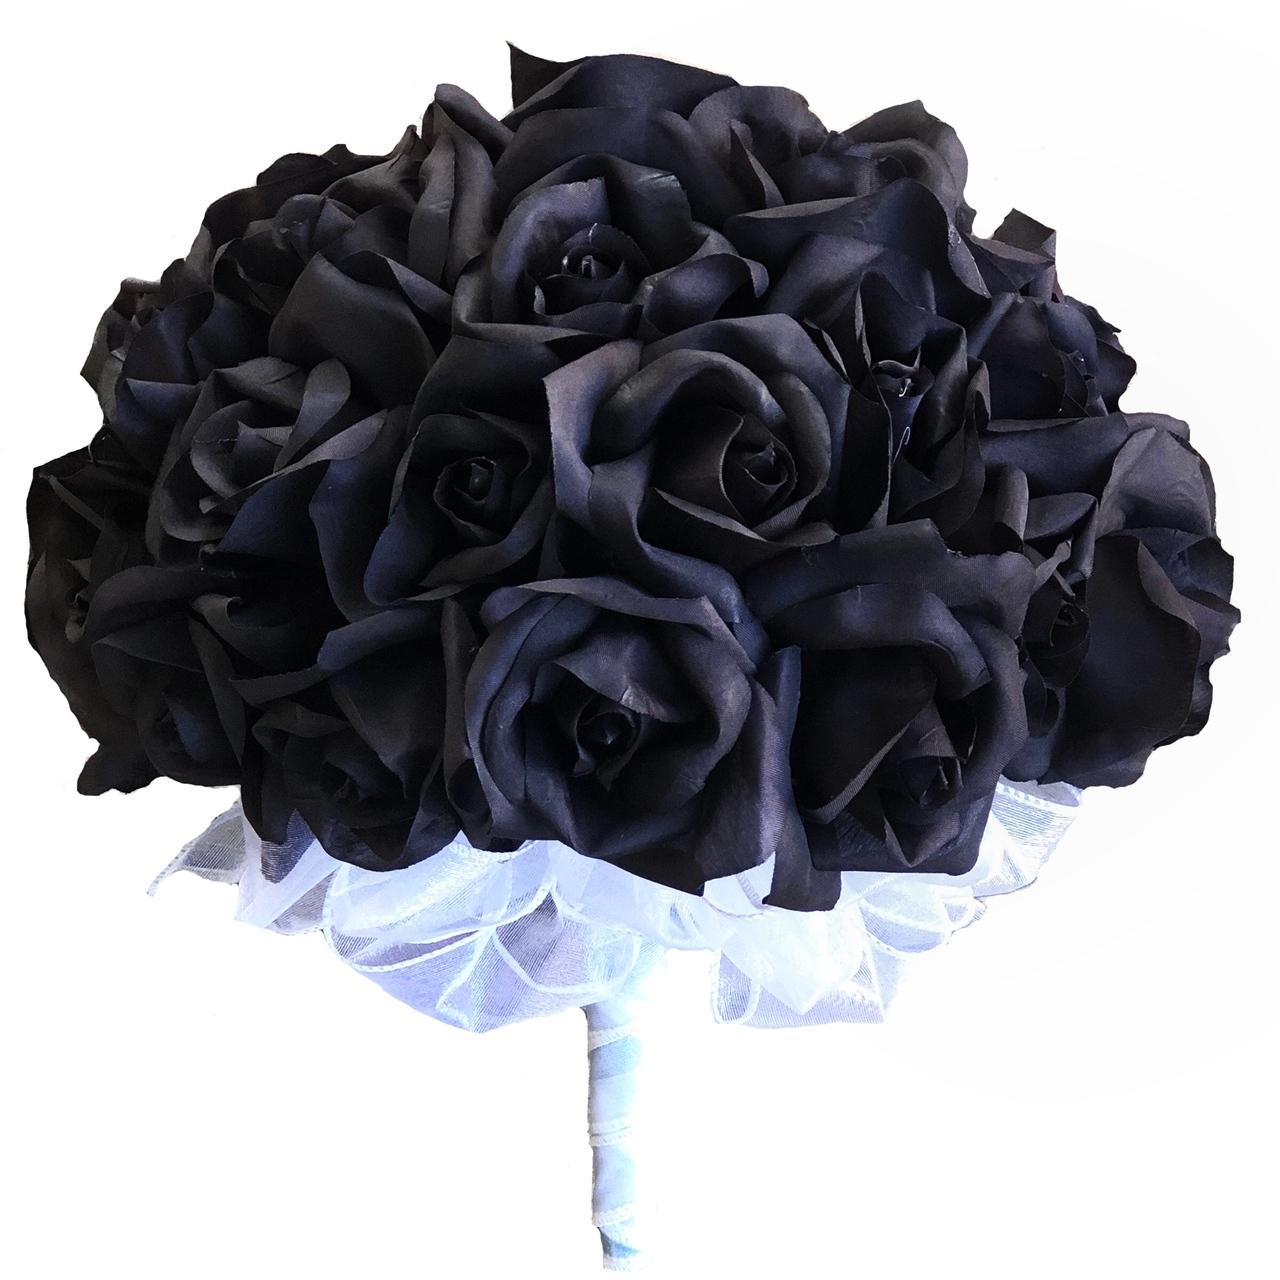 Bó hoa hồng đen cực đẹp